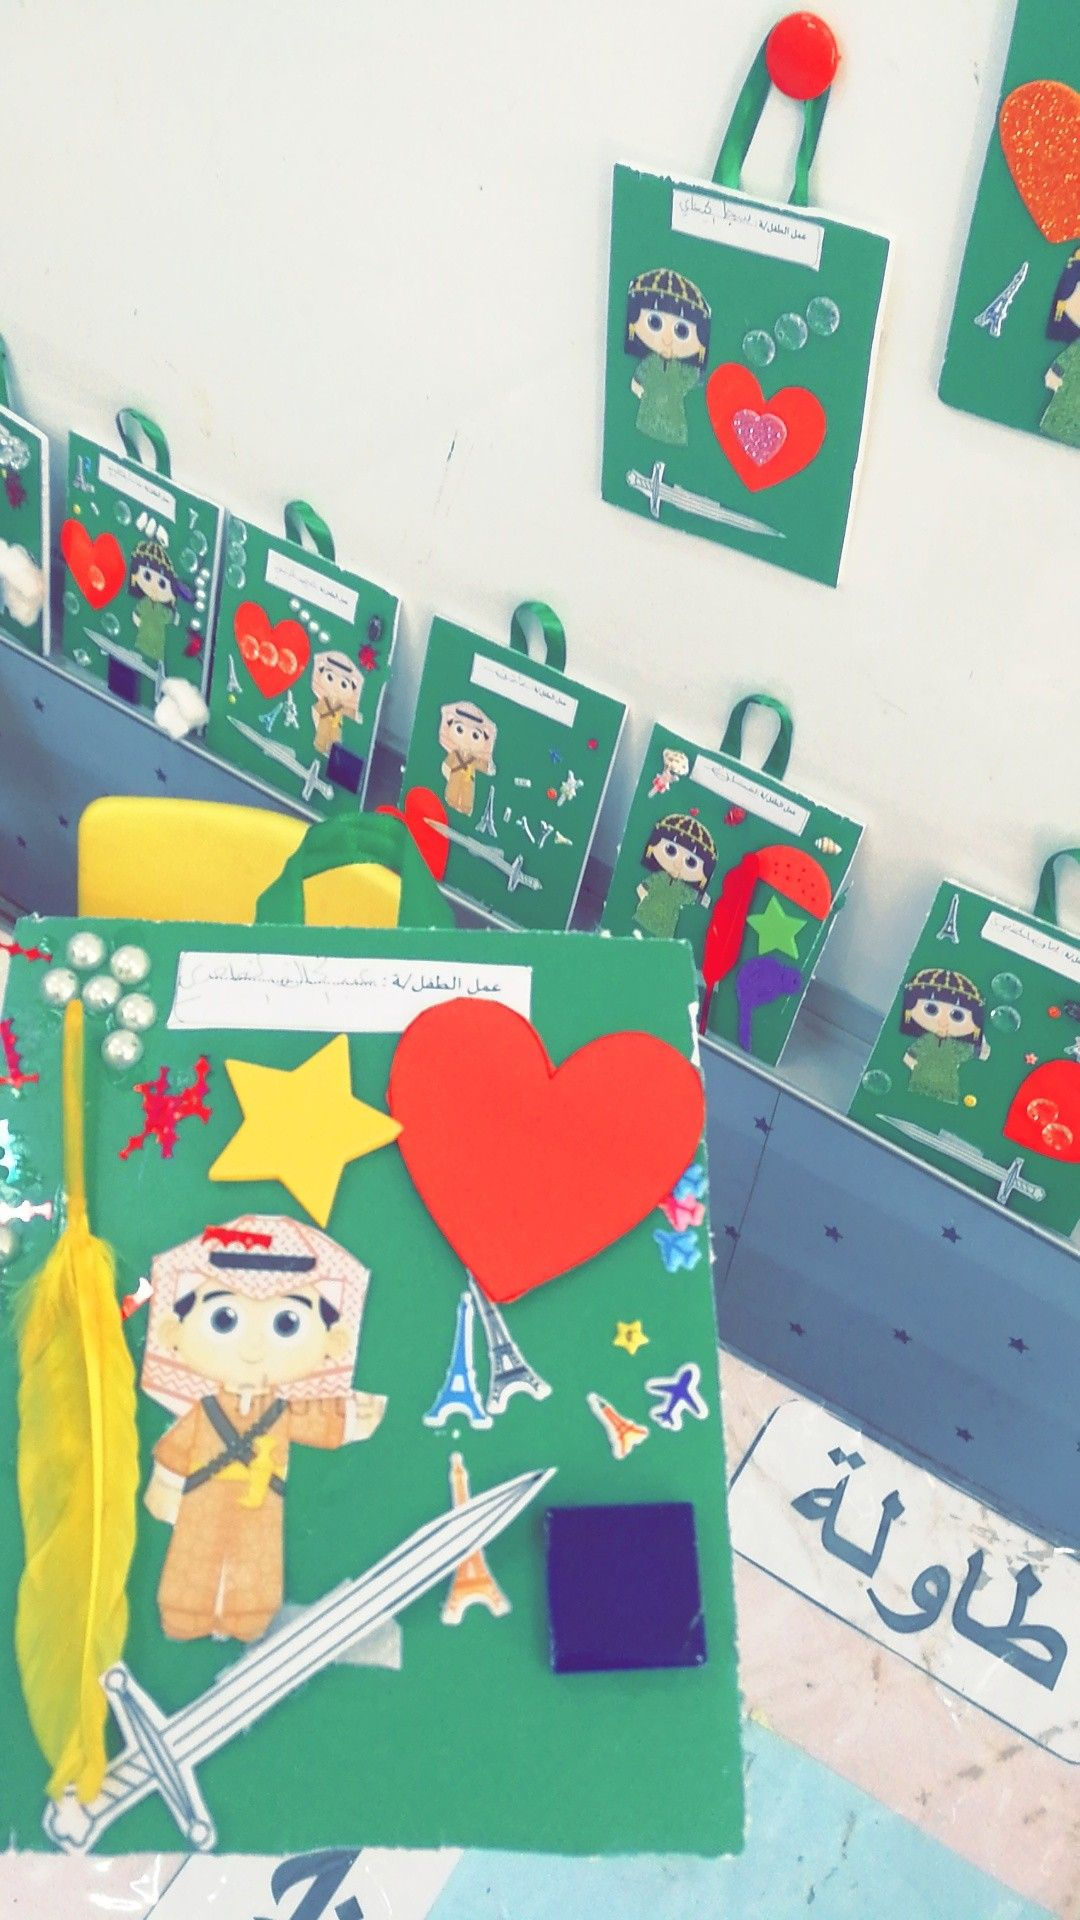 ركن فني وحدة وطني لوحة للطفل Fun Crafts For Kids Activities For Kids Ladybug Birthday Party